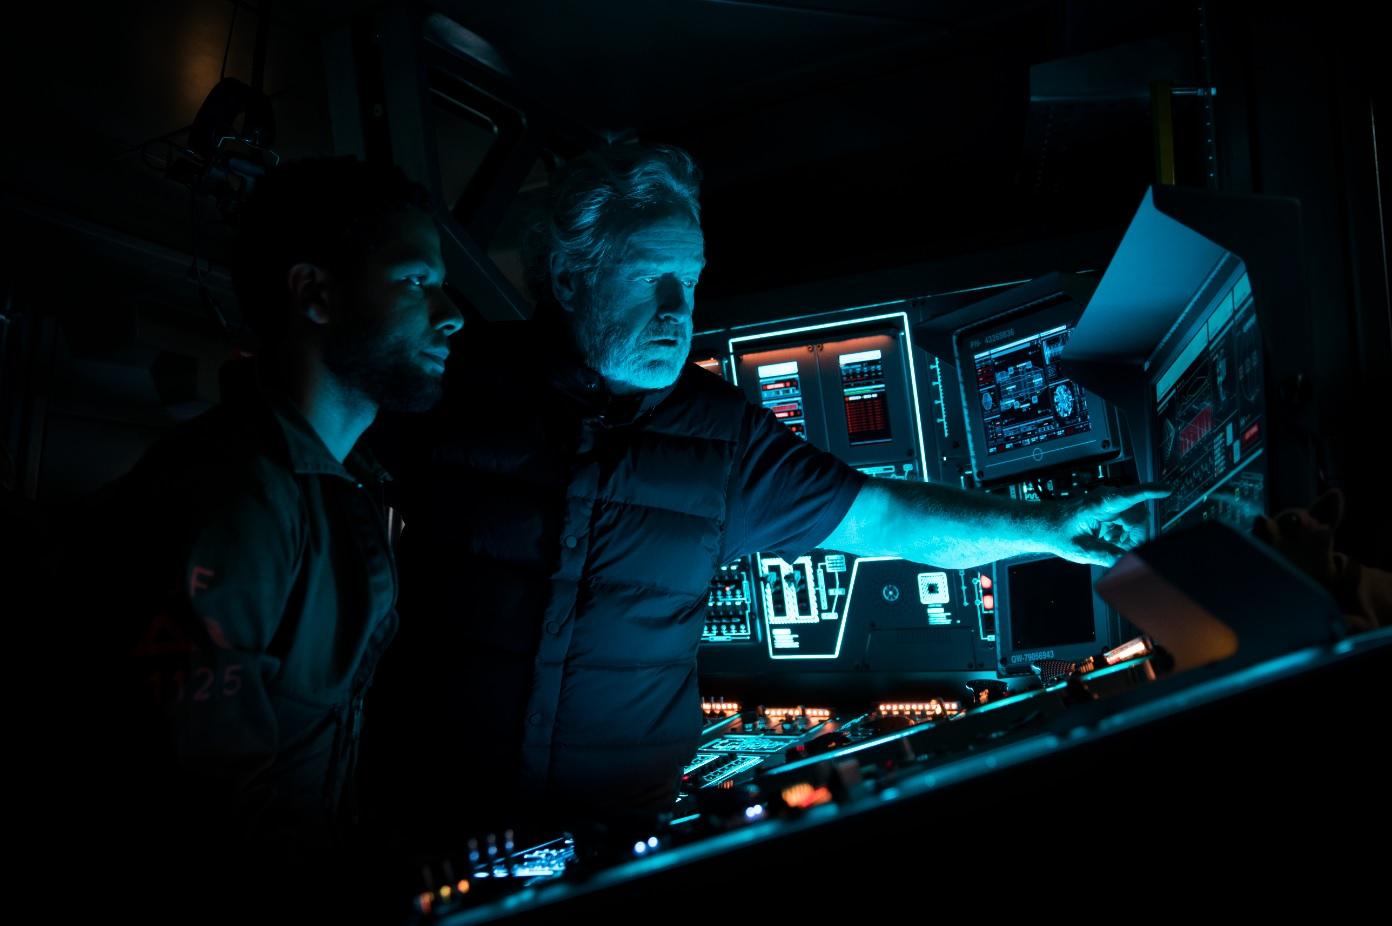 Ridley Scott on Alien: Covenant set